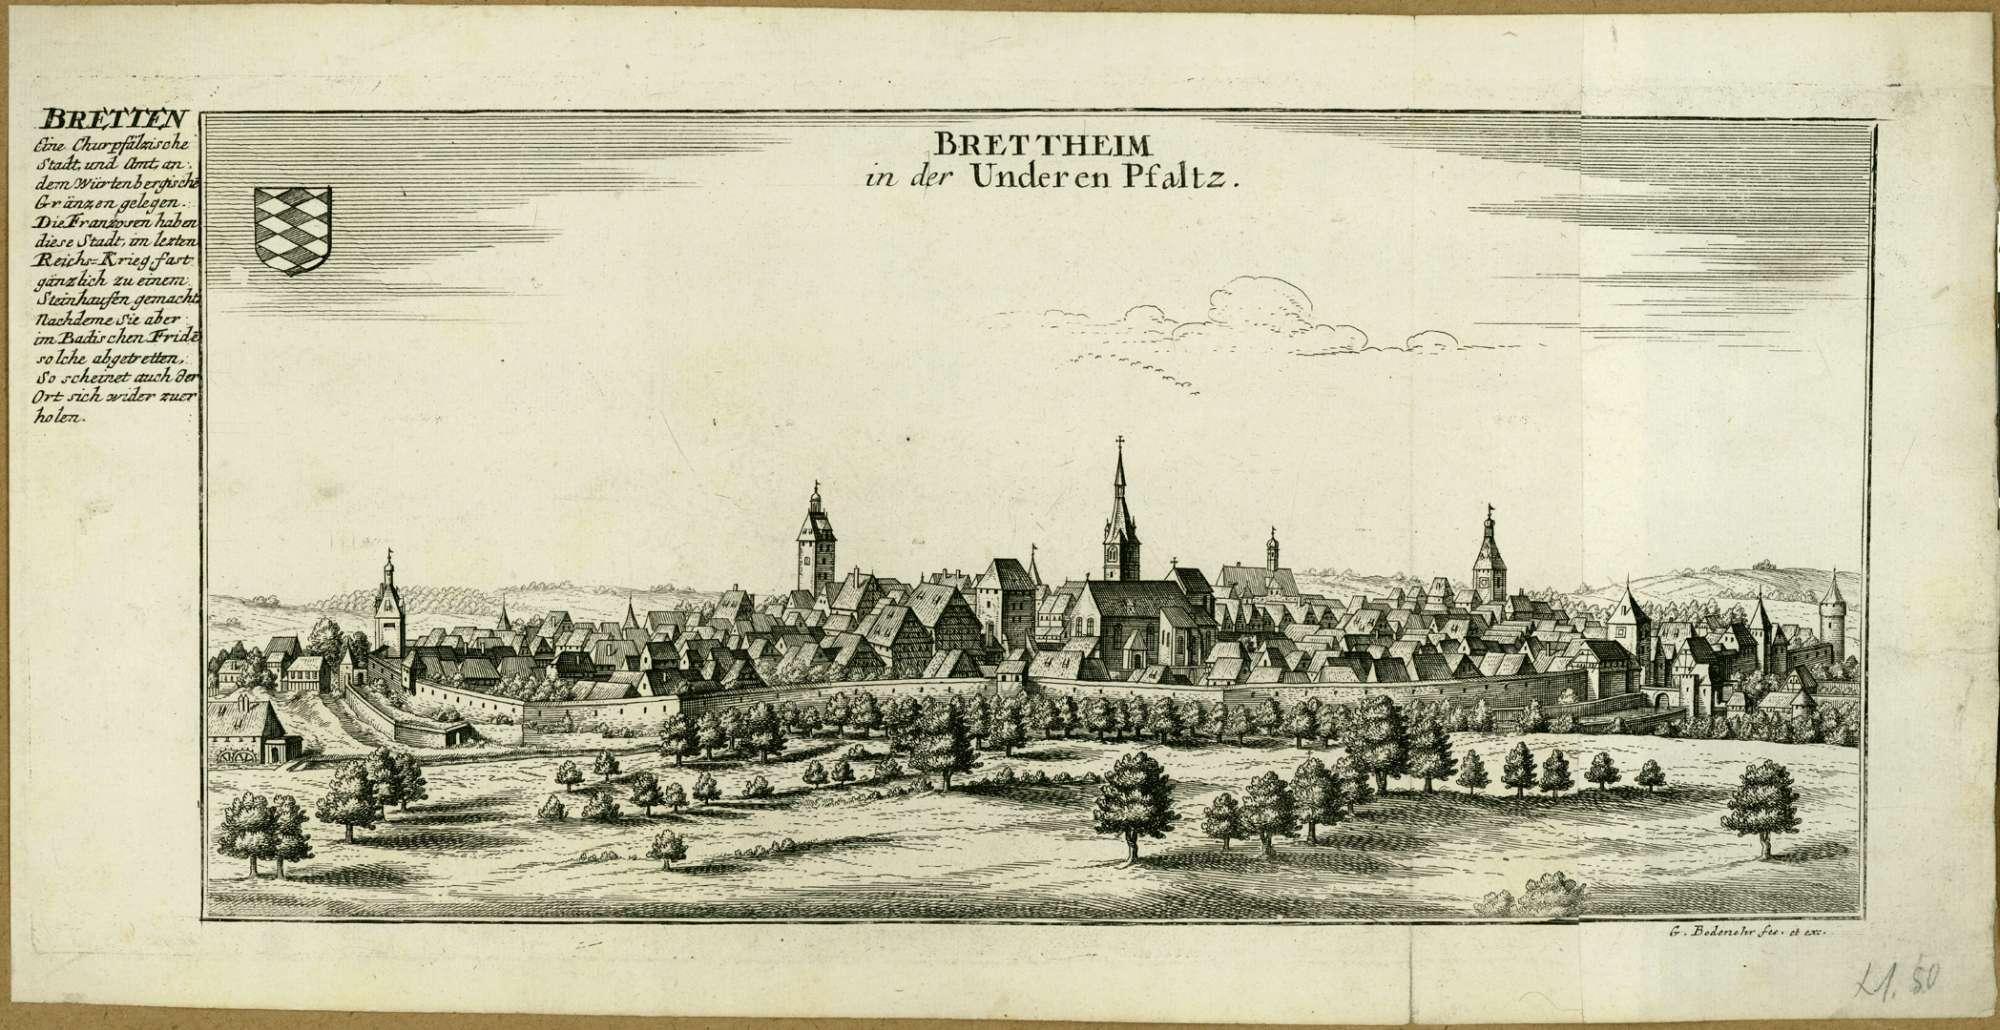 Brettheim in der Underen Pfaltz, Bild 1